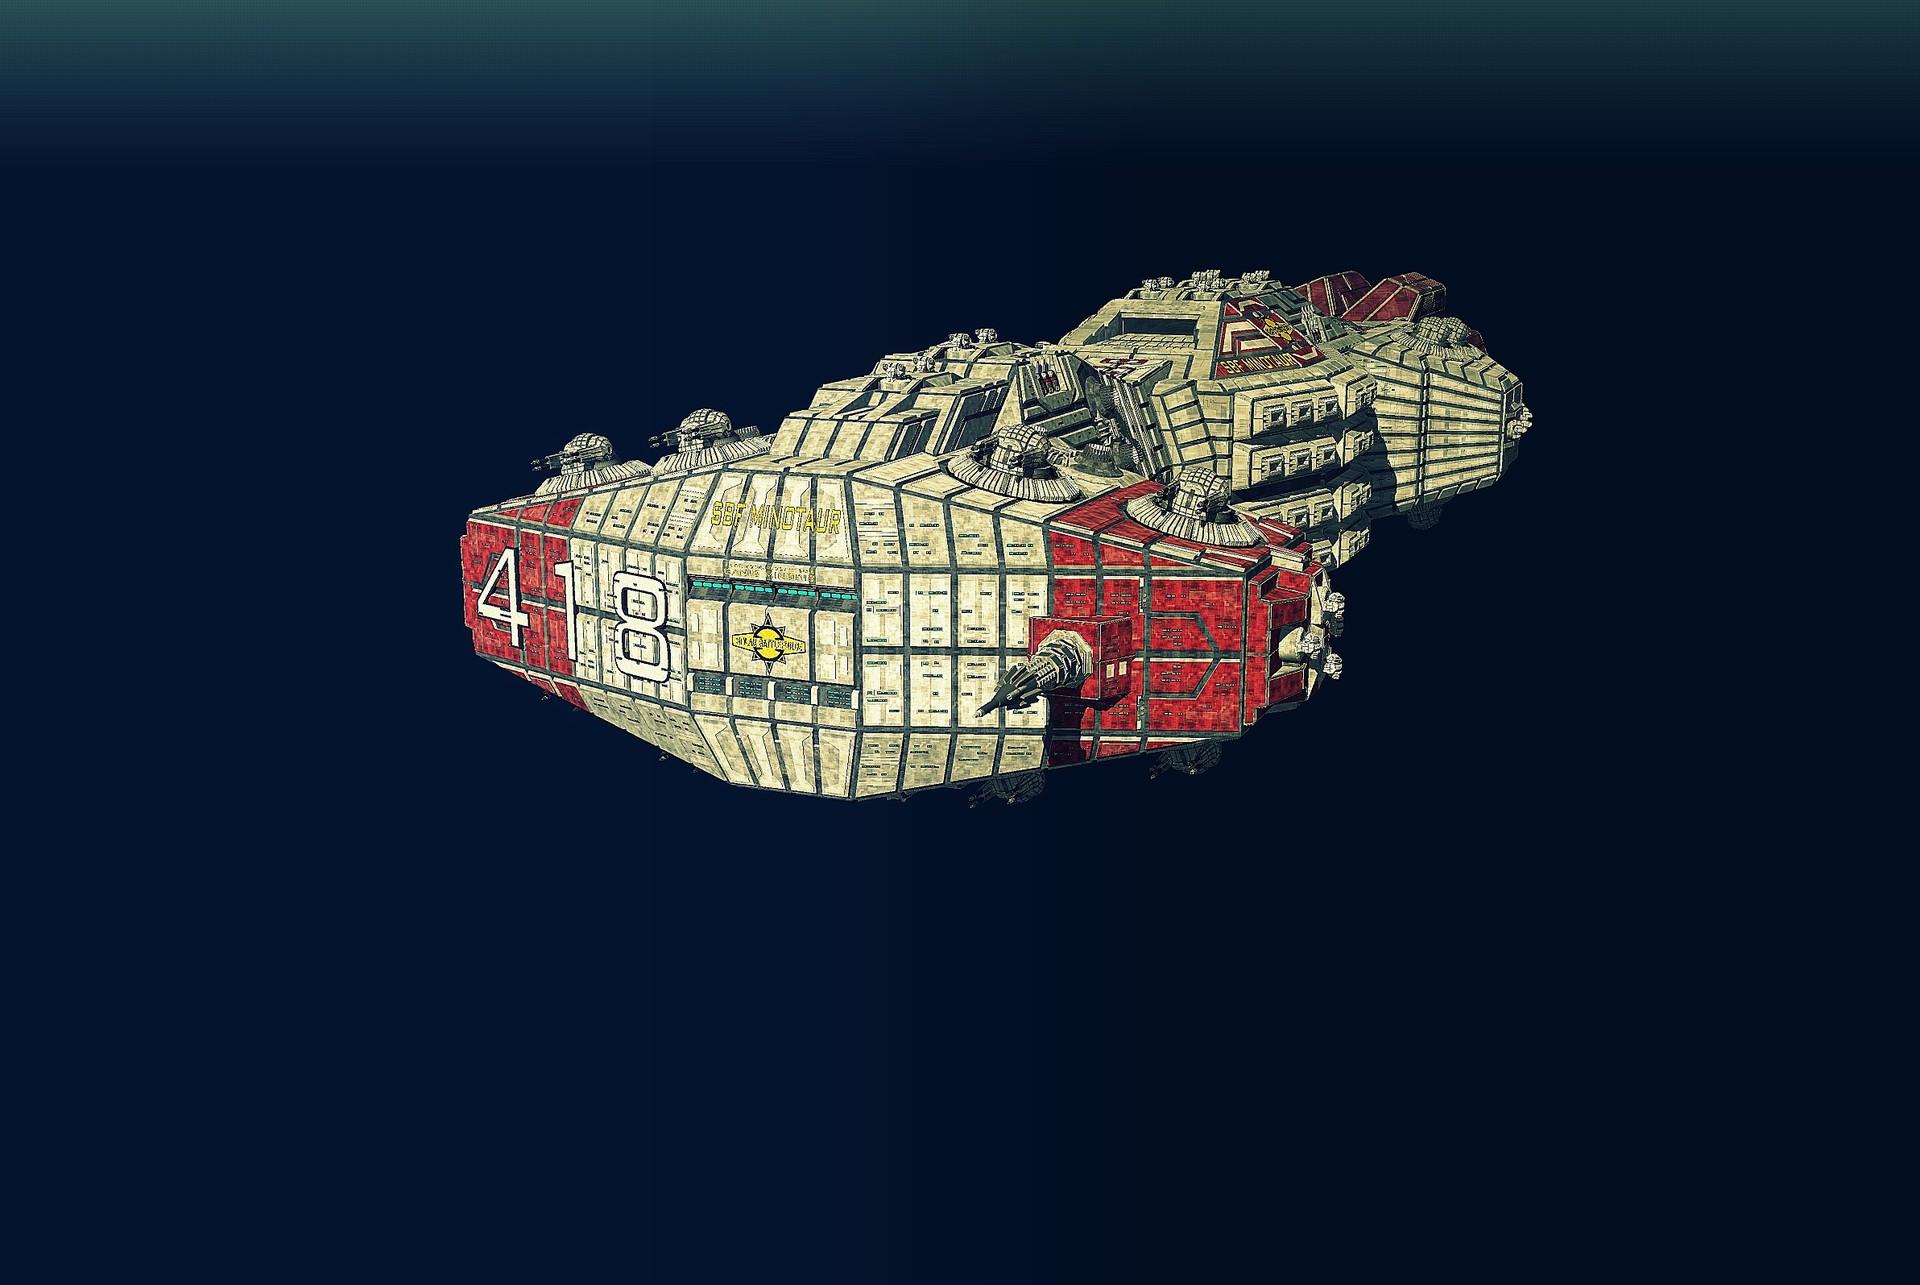 Joachim sverd sbf minotaur strike carrier 12